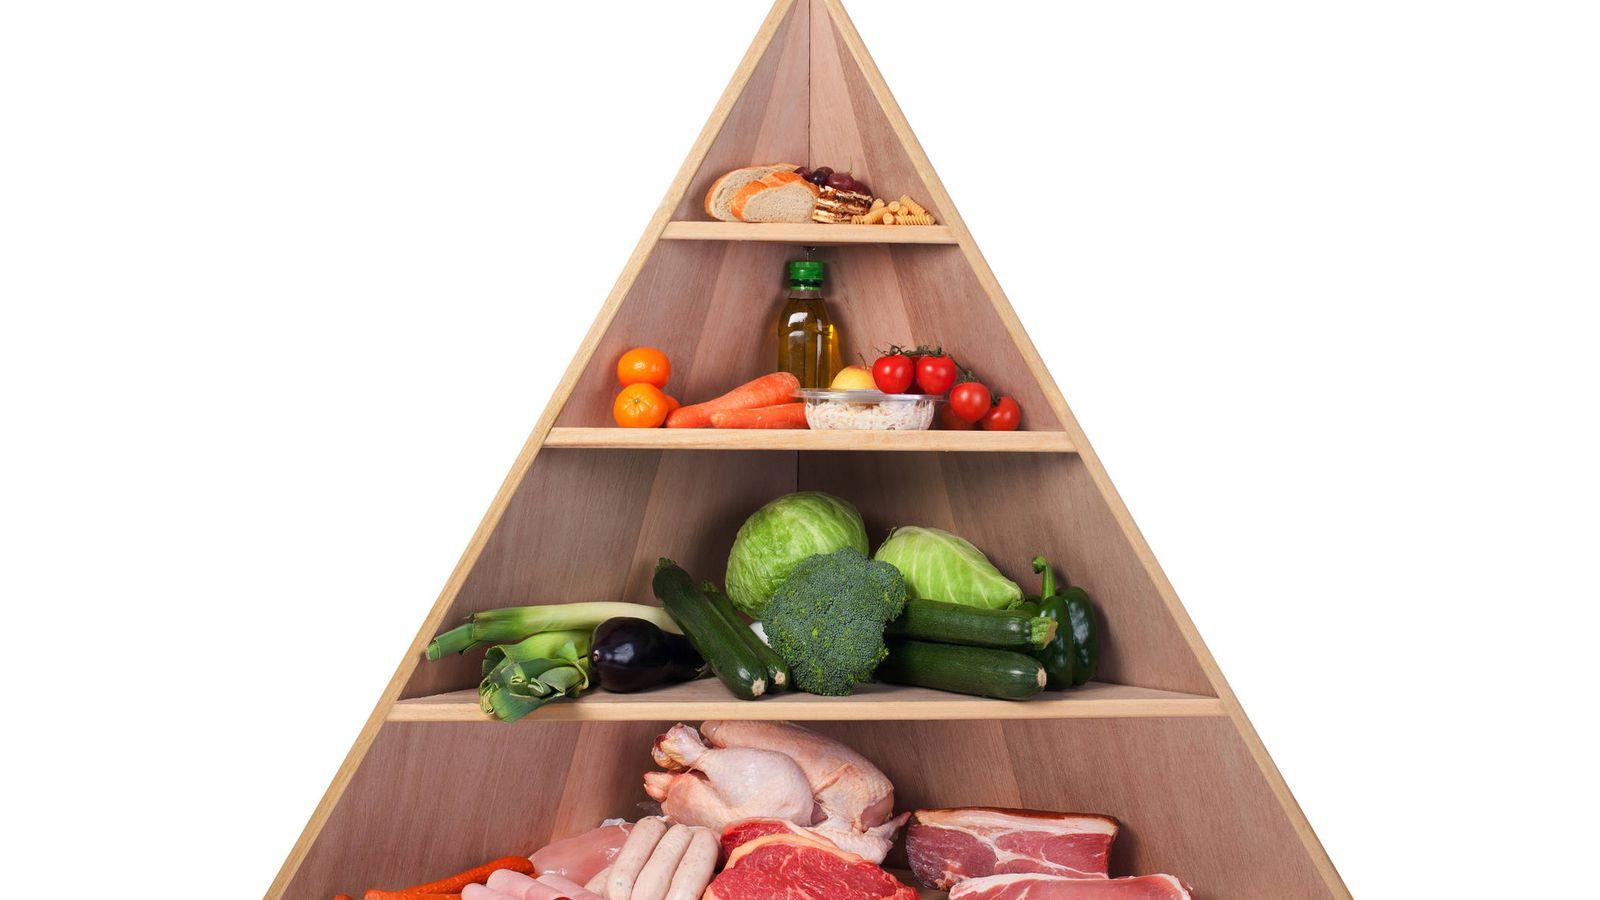 Foto: Inversión de la pirámide alimenticia con las proteínas como base. (iStock)